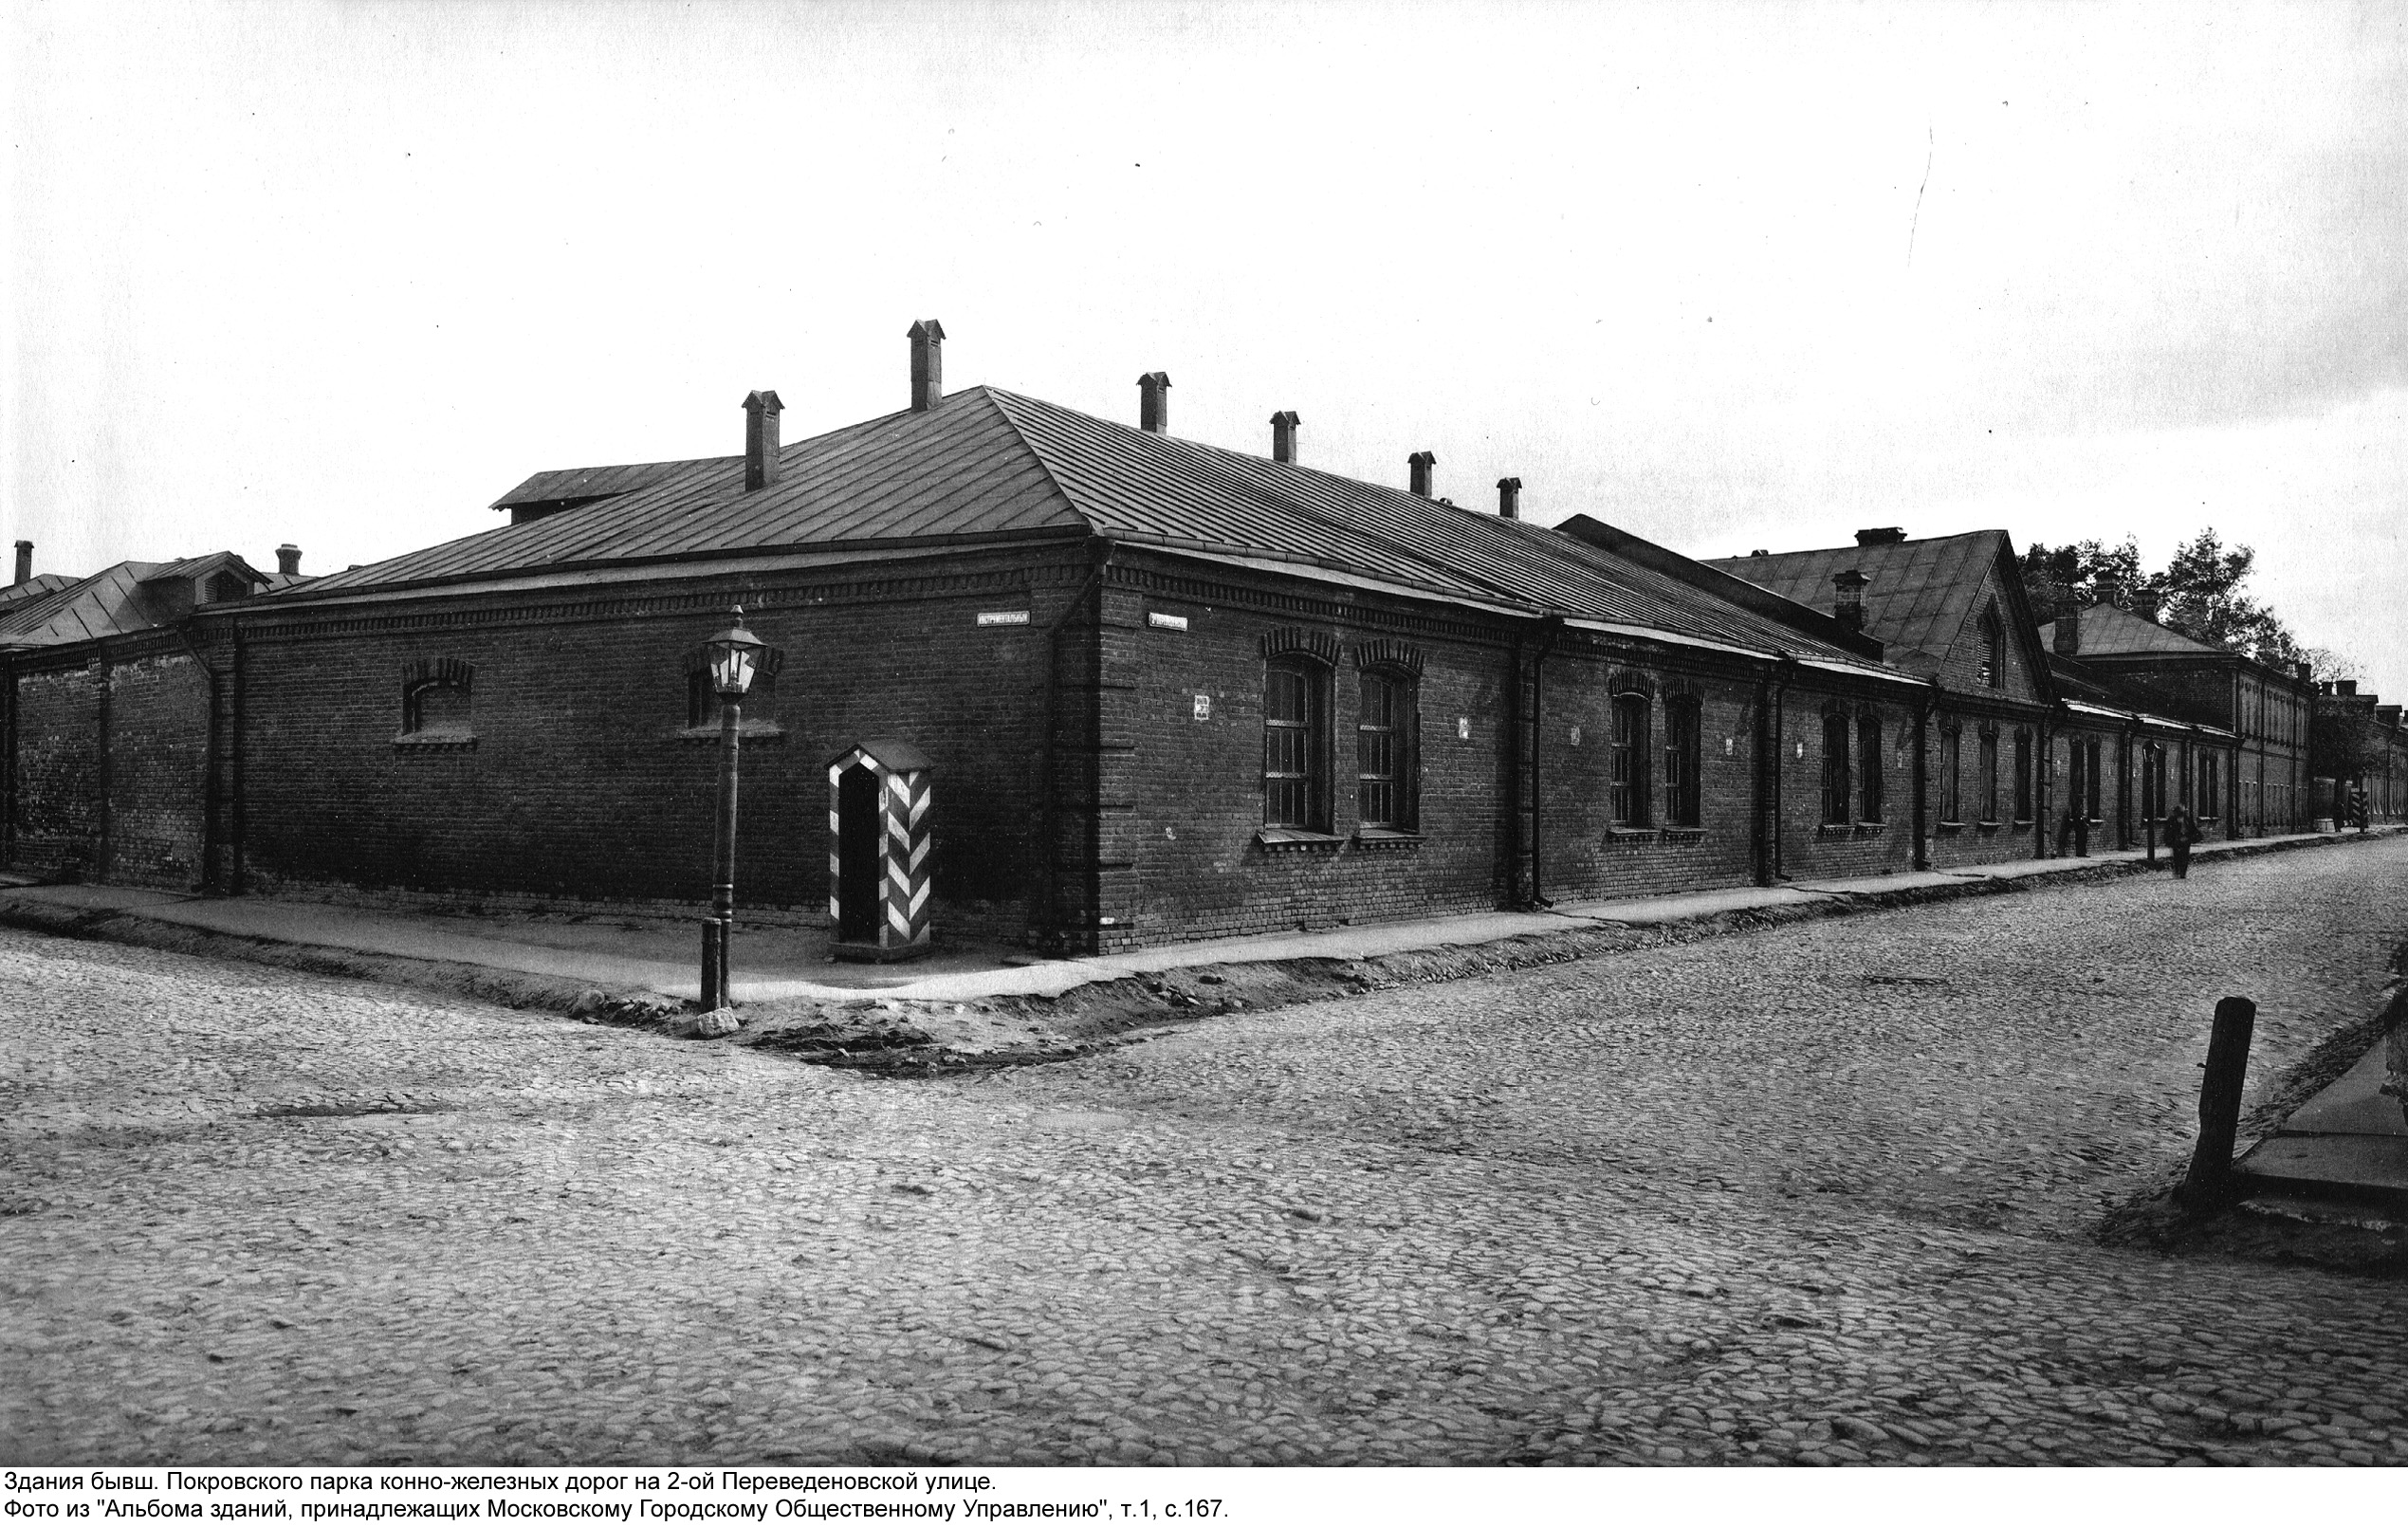 Здание бывшего Покровского парка конно-железных дорог